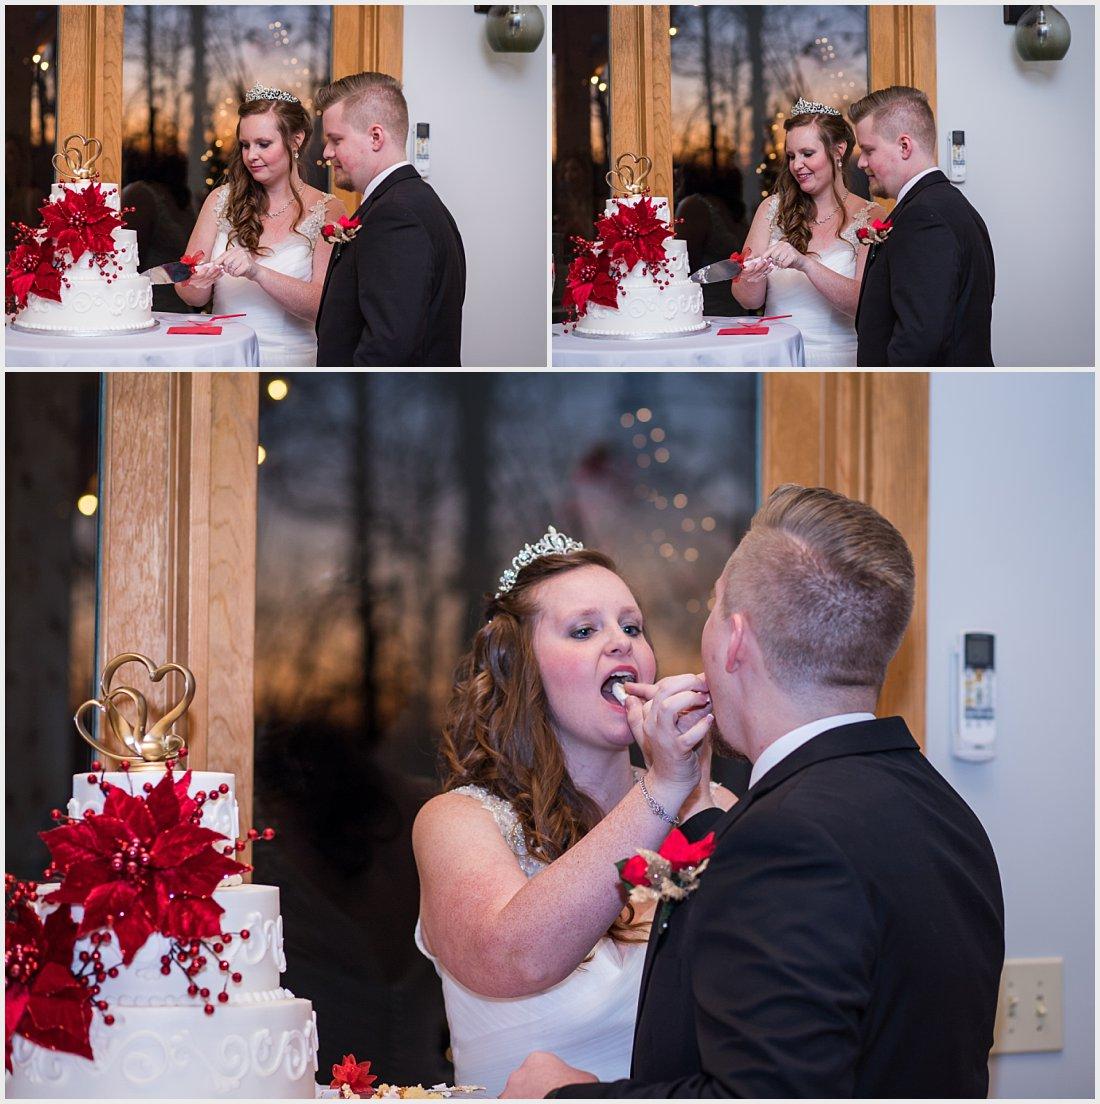 snowy-wedding-in-georgia (21)